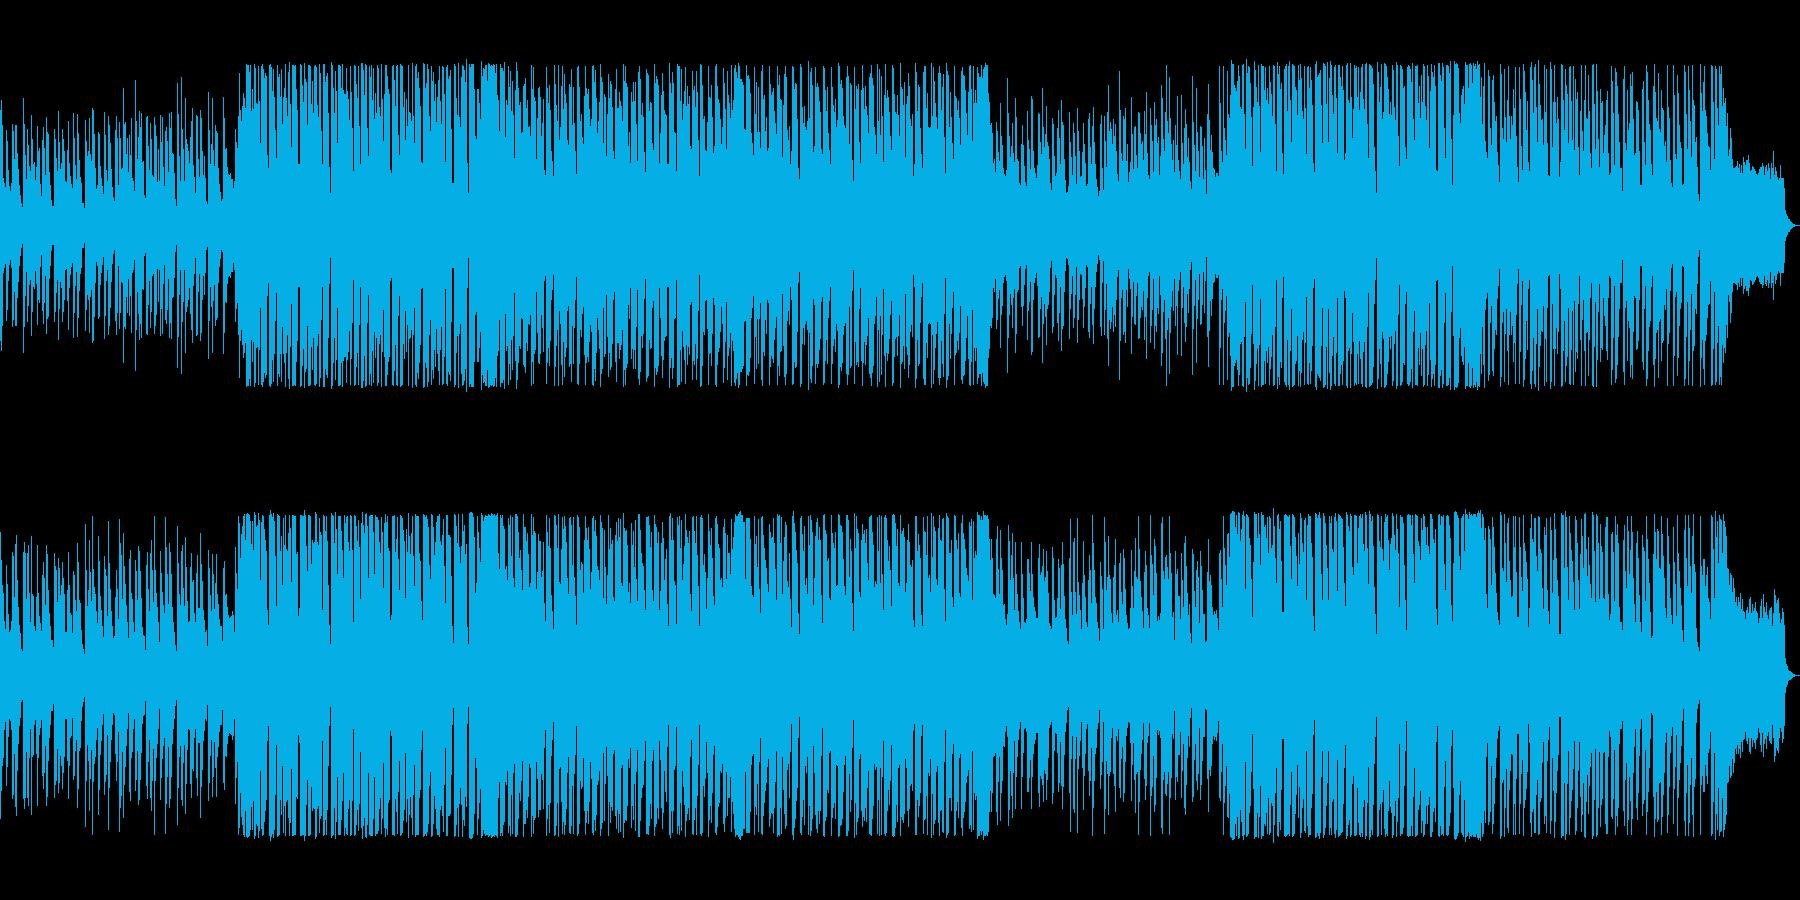 ポップで気分が弾むシンセサイザーの曲の再生済みの波形